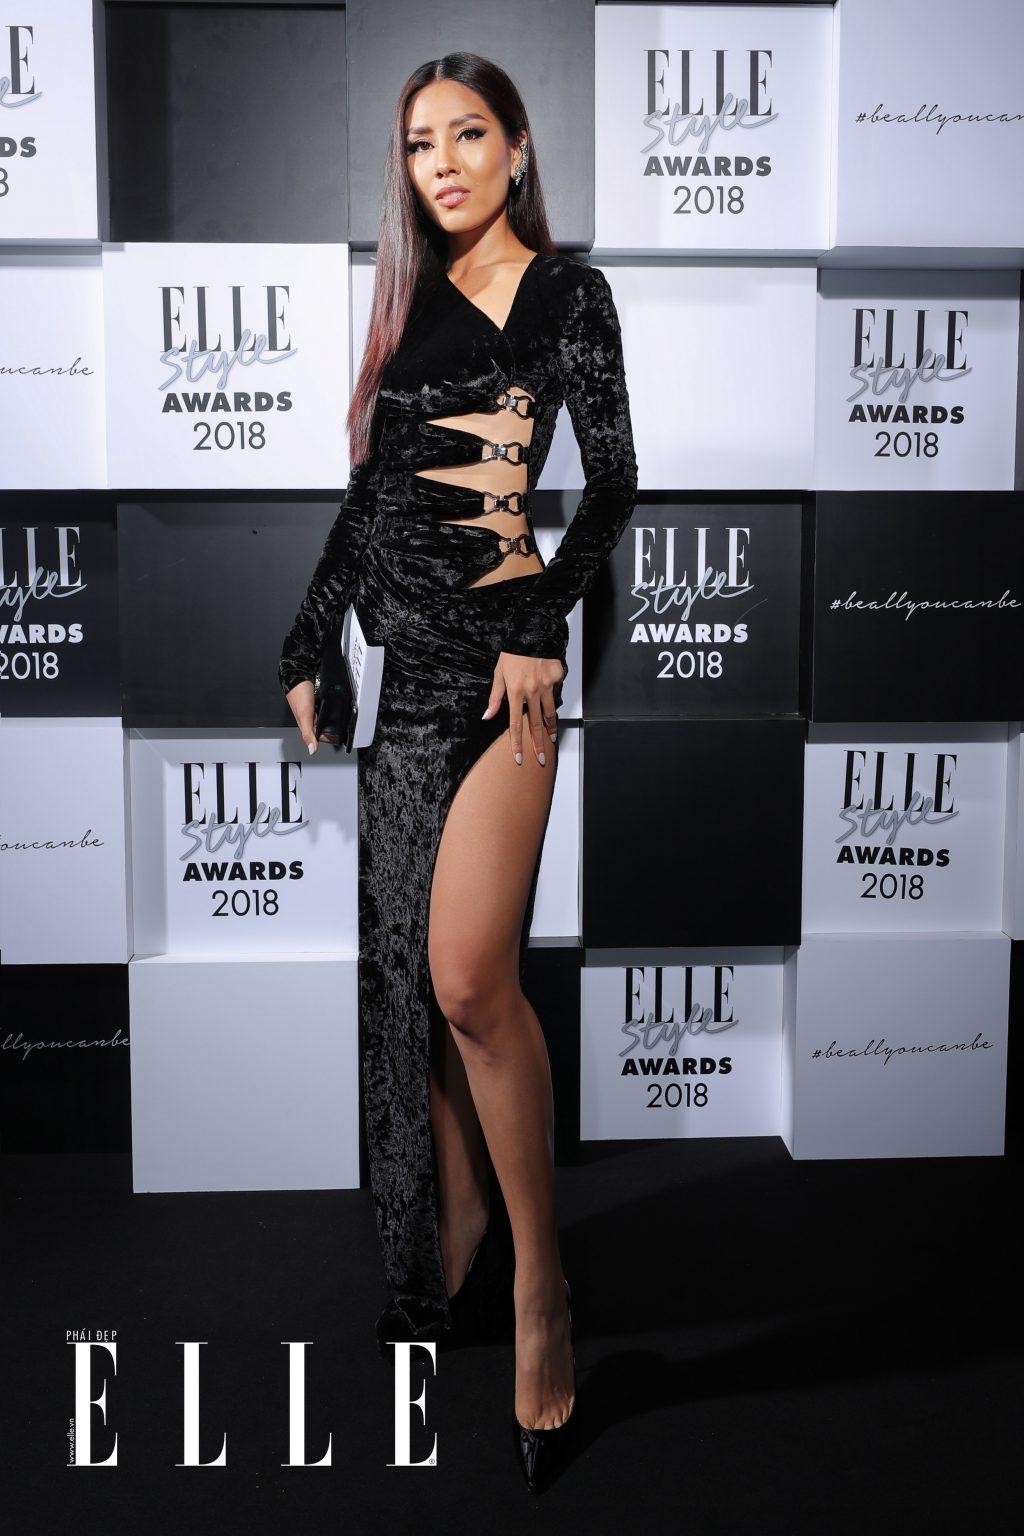 ELLE Style Awards 2018 Loan Nguyen